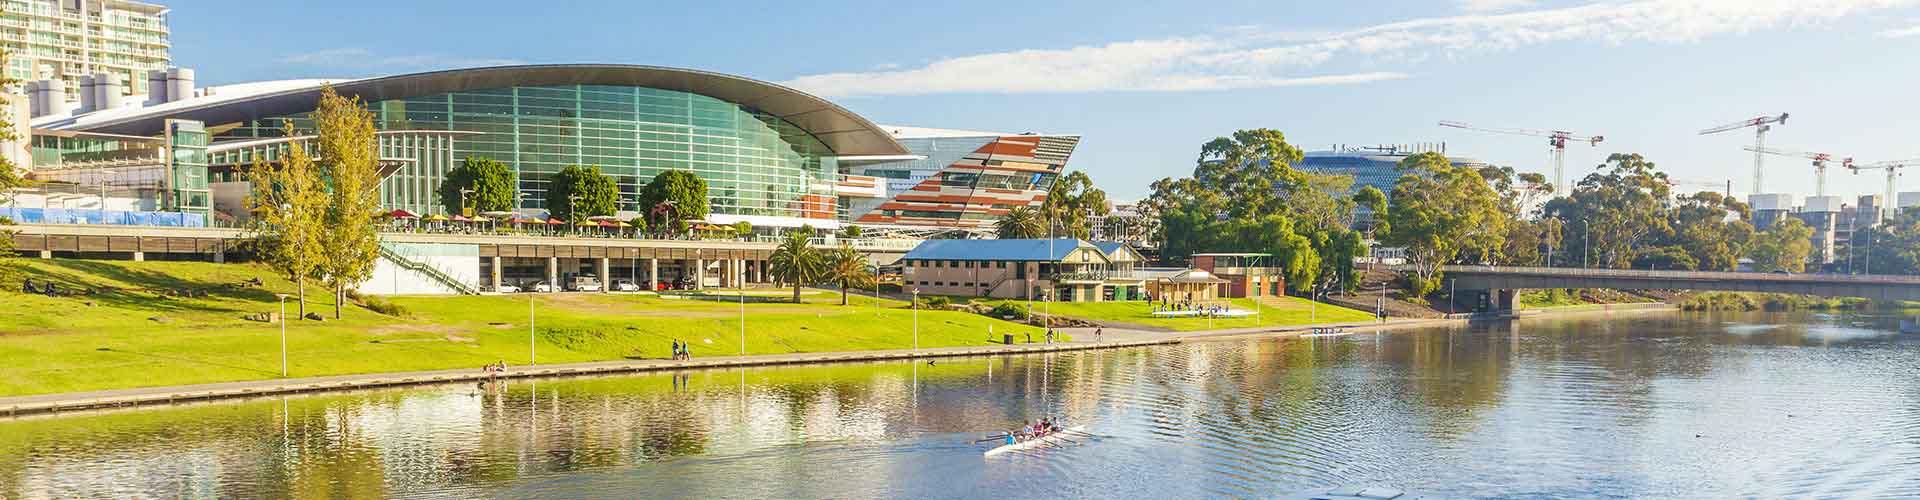 Adelaide - Albergues no Glenelg bairro. Mapas para Adelaide, Fotos e Avaliações para cada Albergue em Adelaide.